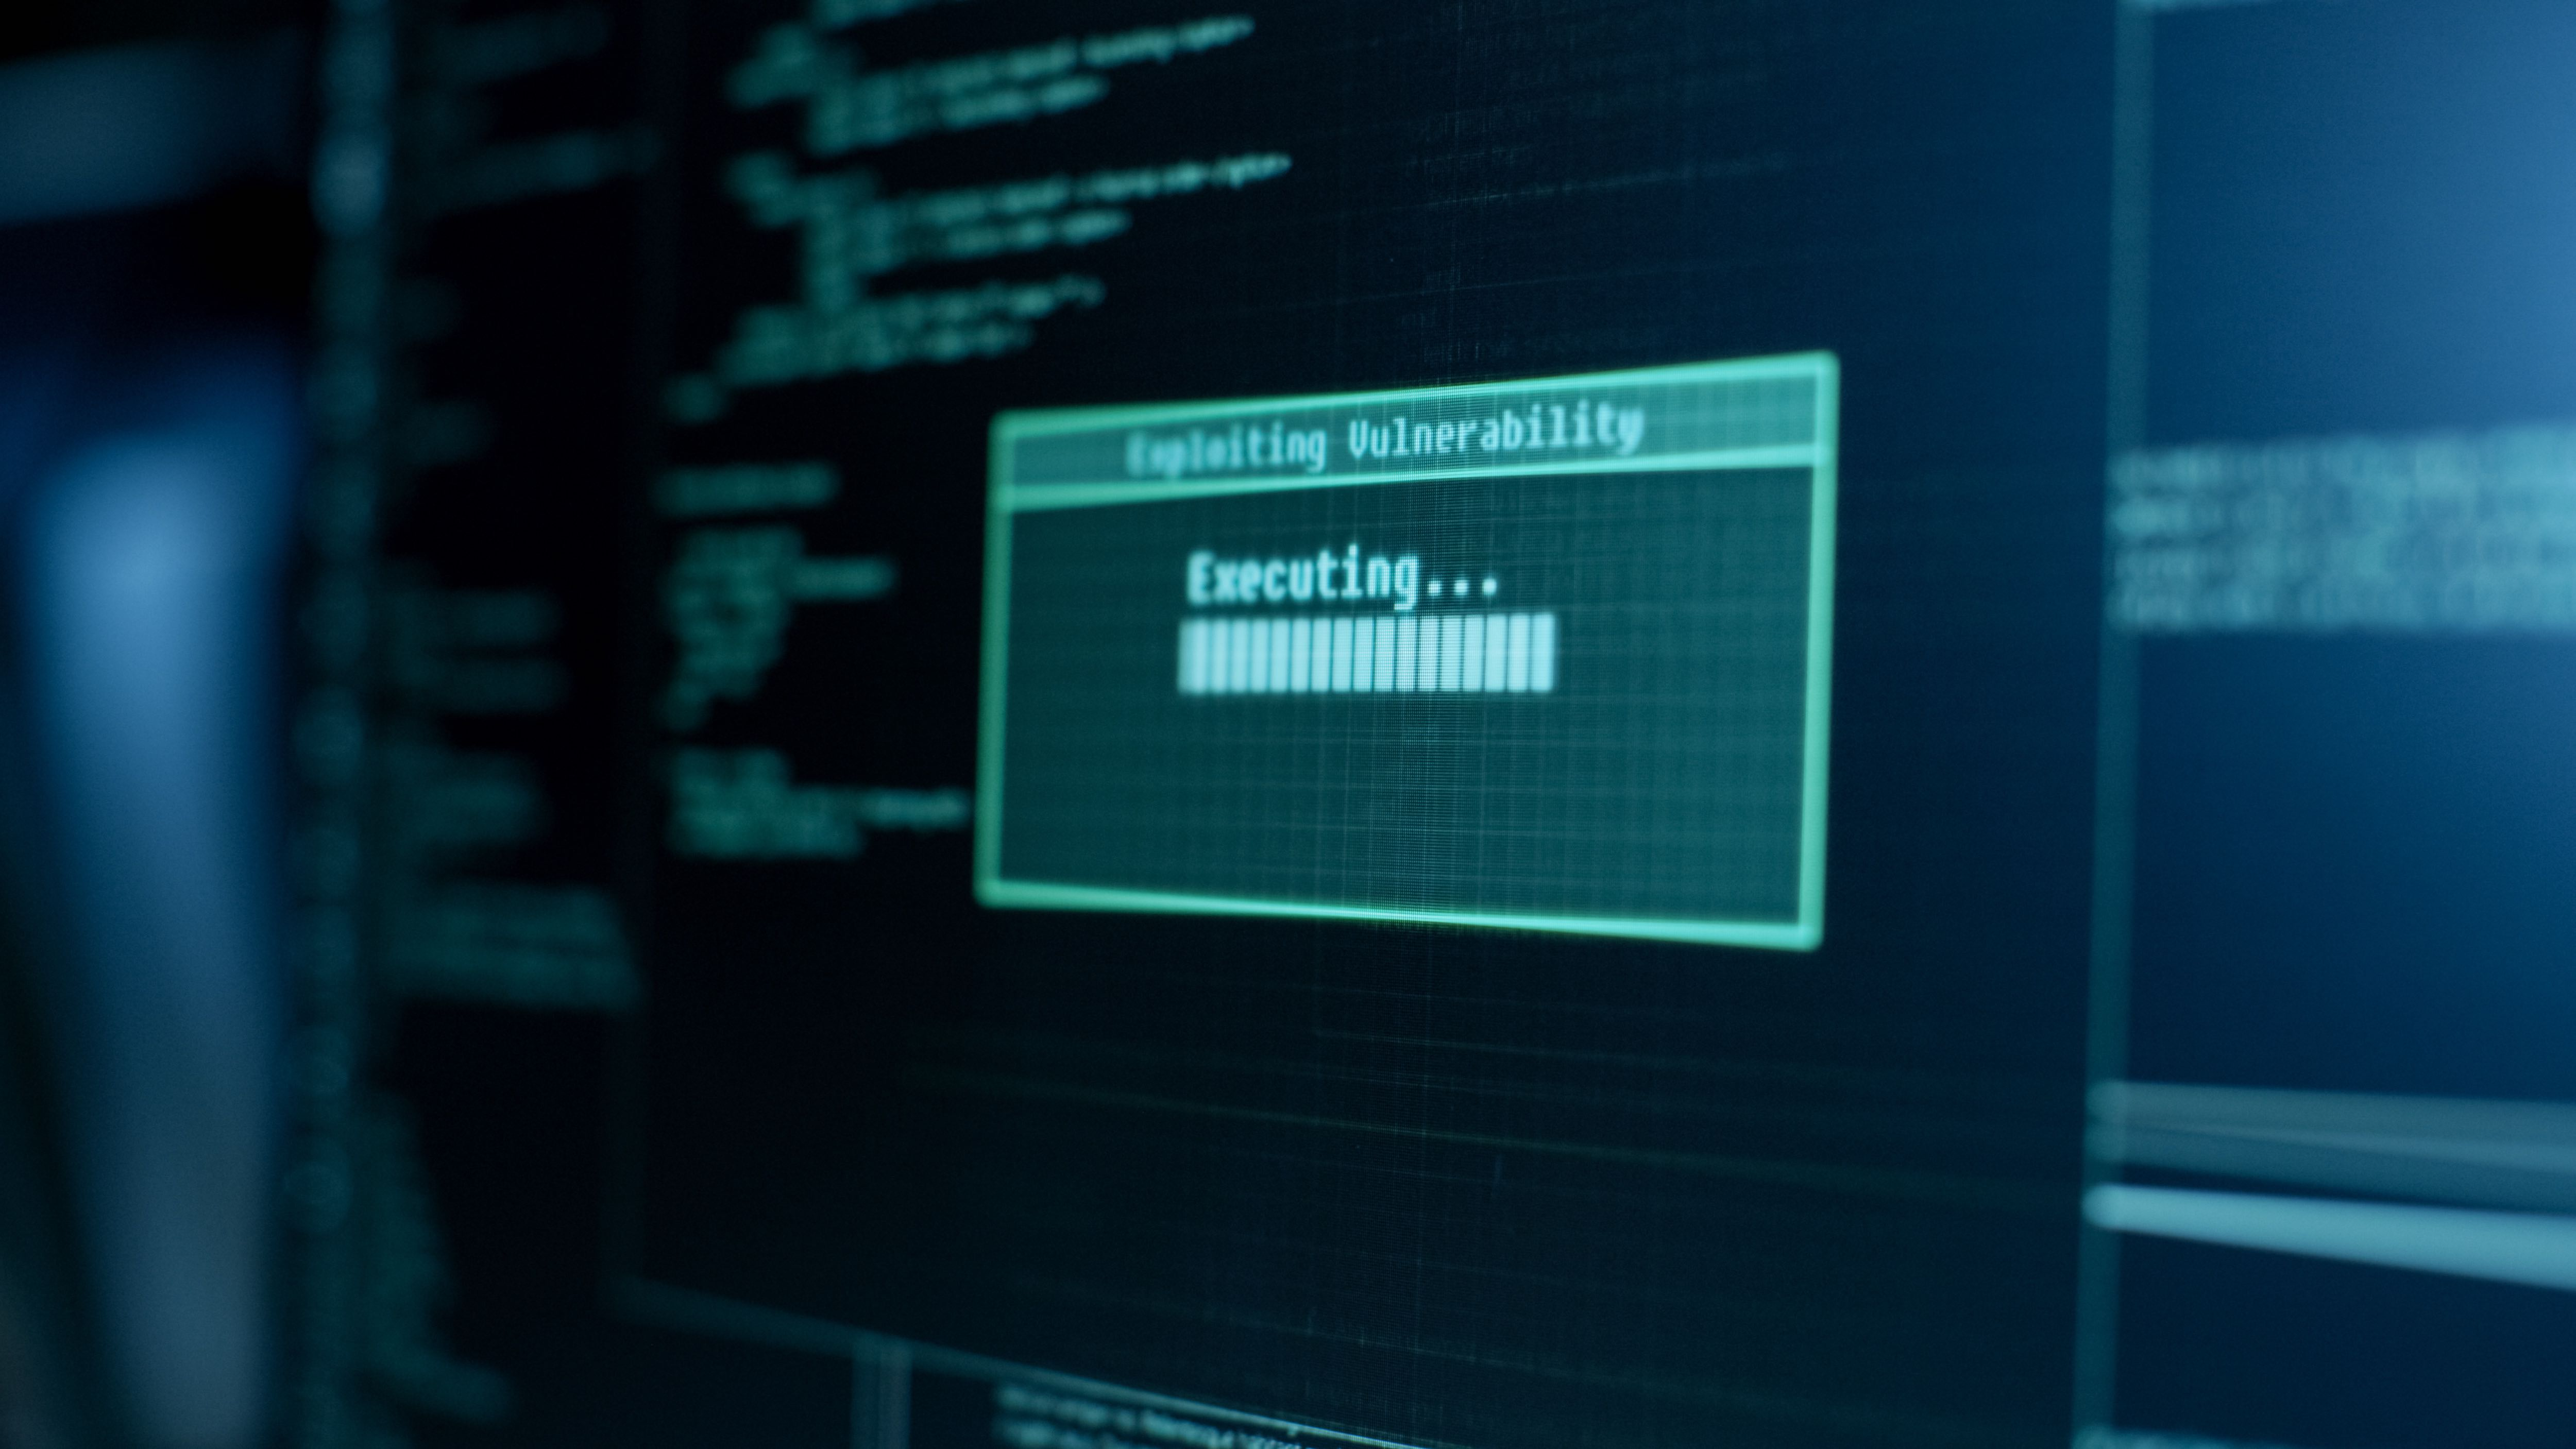 Cyberattaque : à quelles menaces les entreprises doivent-elles se préparer ?